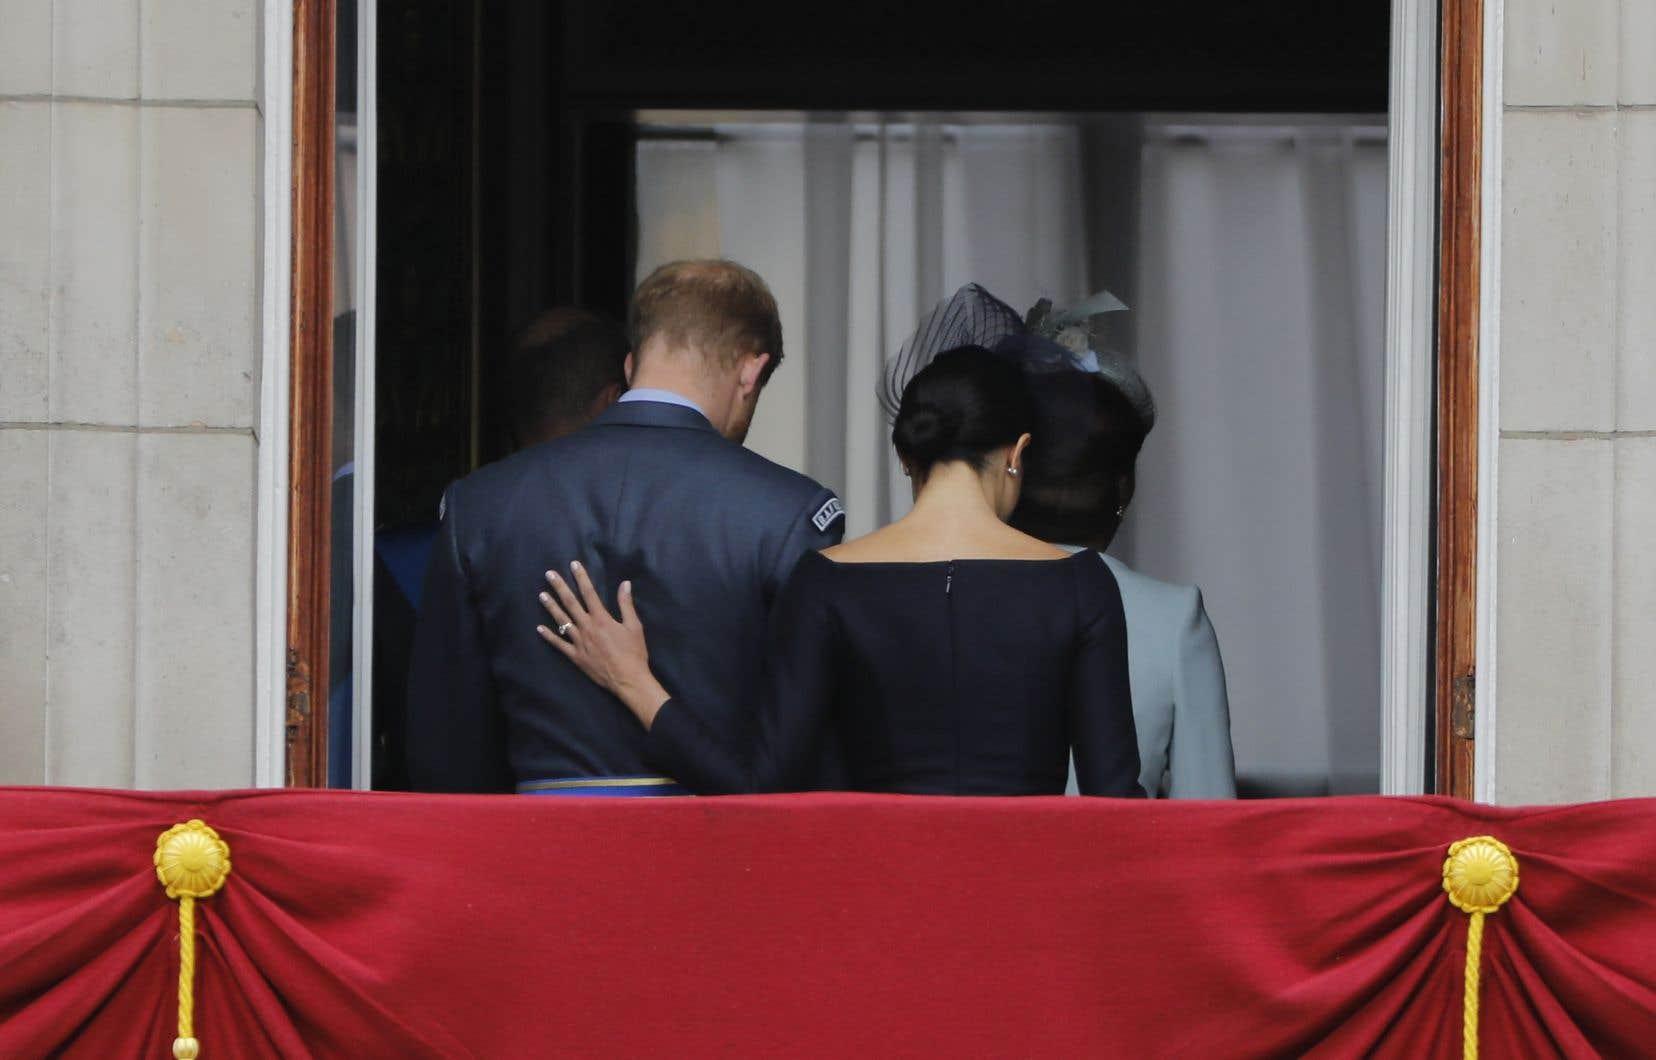 Si le couple conserve son titre de duc et duchesse de Sussex, il renonce en revanche à son allocation royale et devra rembourser certaines dépenses publiques dont il a bénéficié.